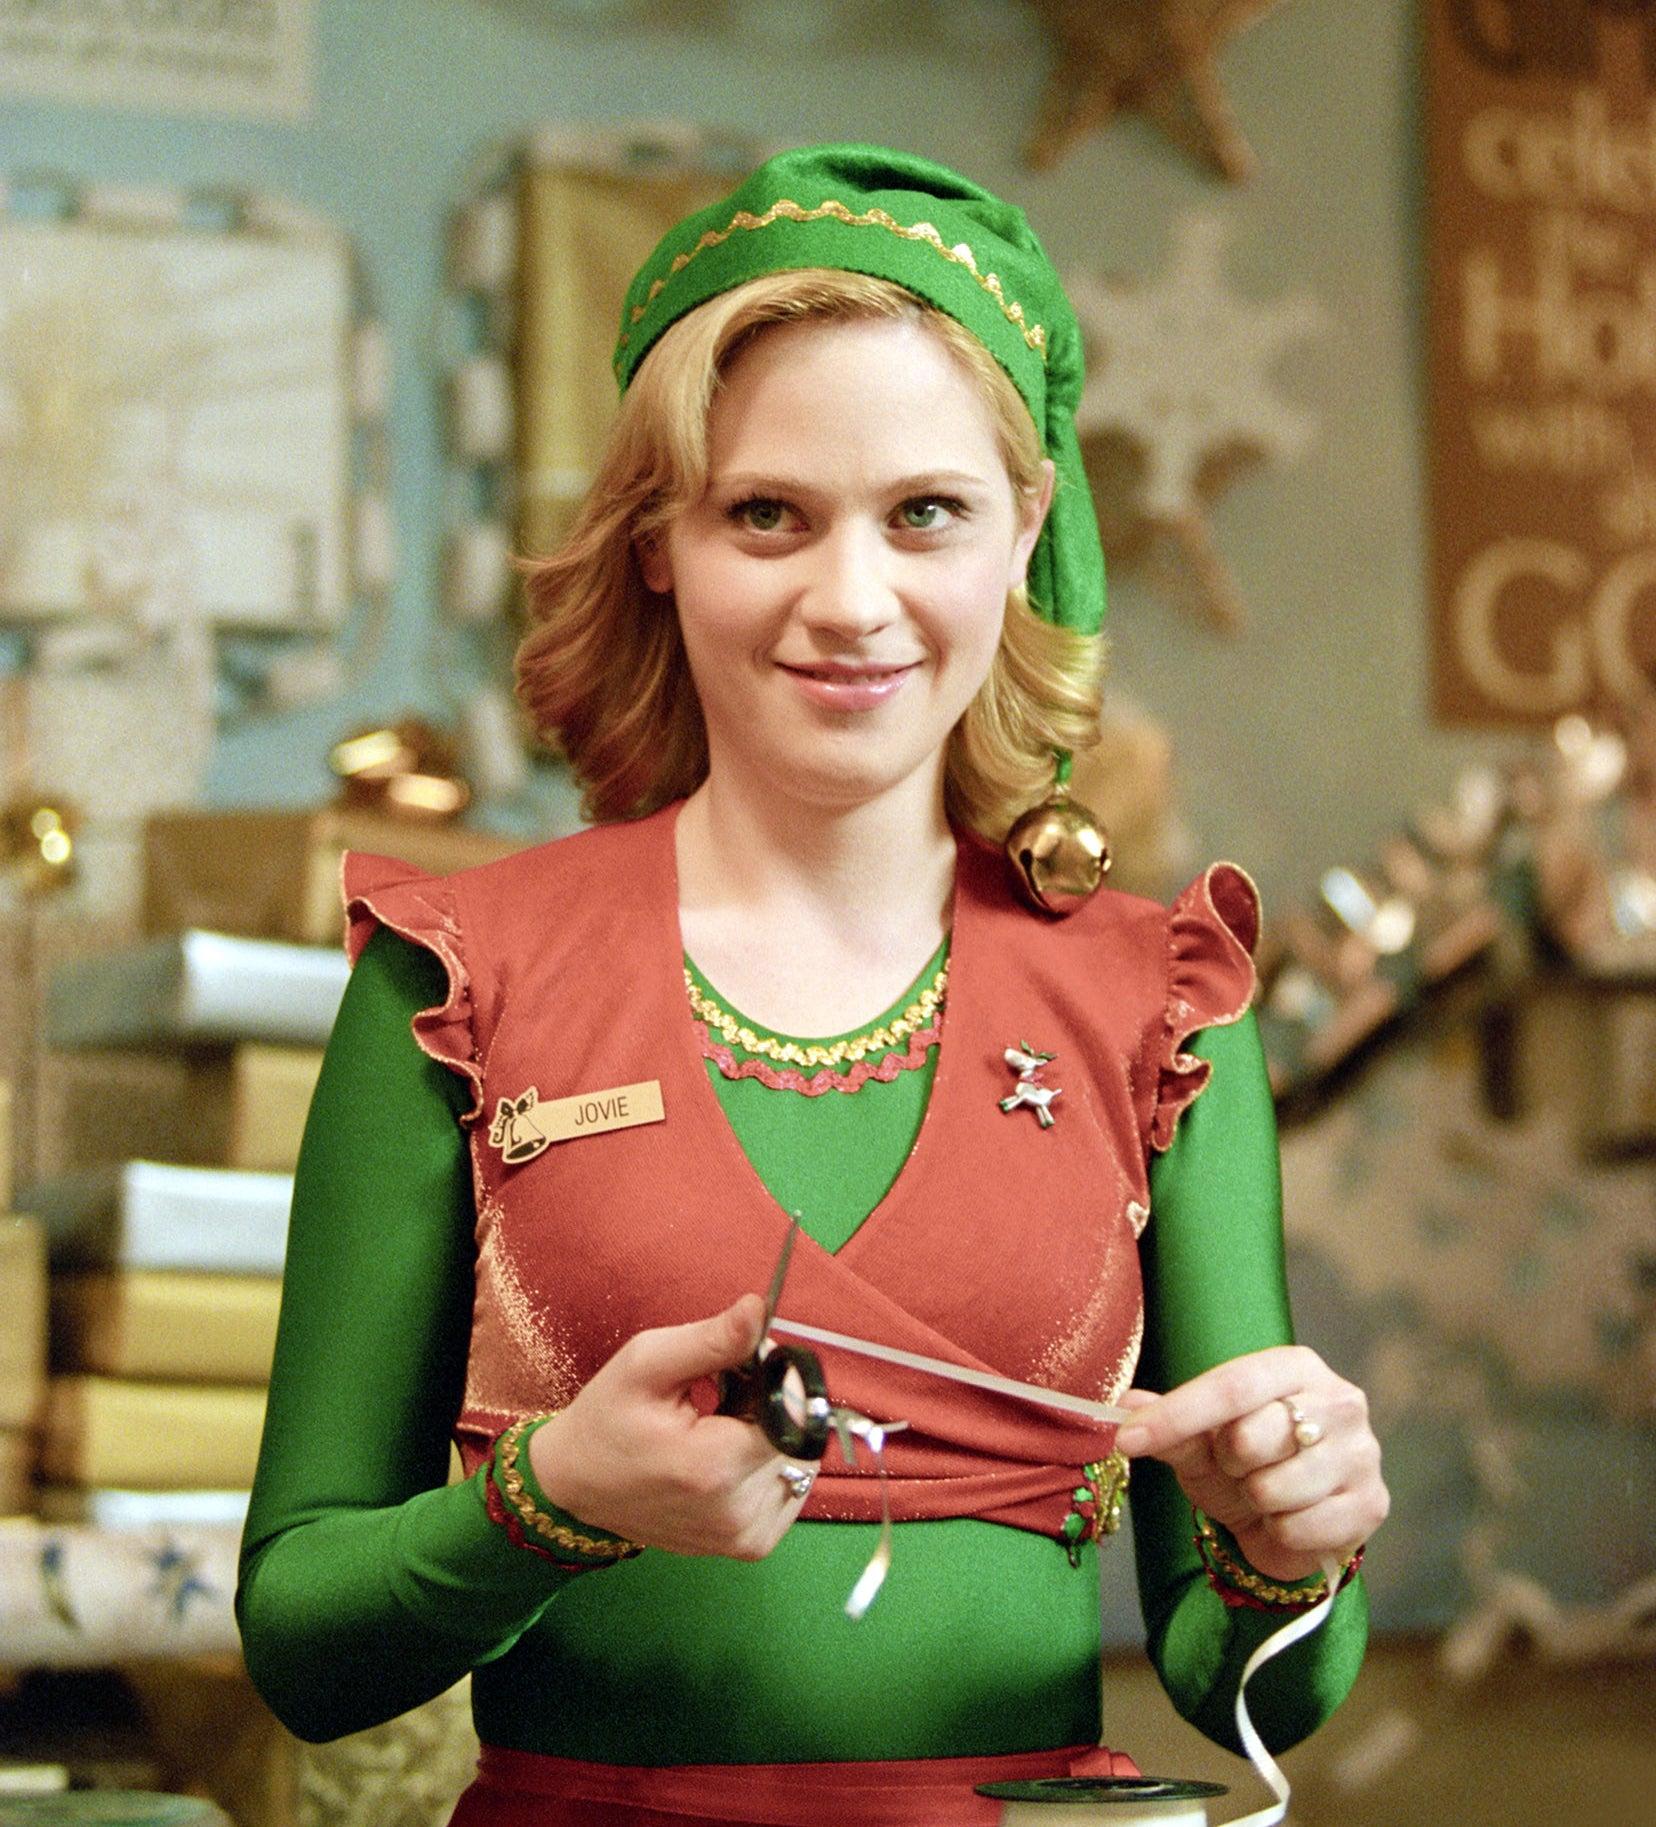 """Zooey Deschanel as department store employee Jovie in """"Elf"""""""